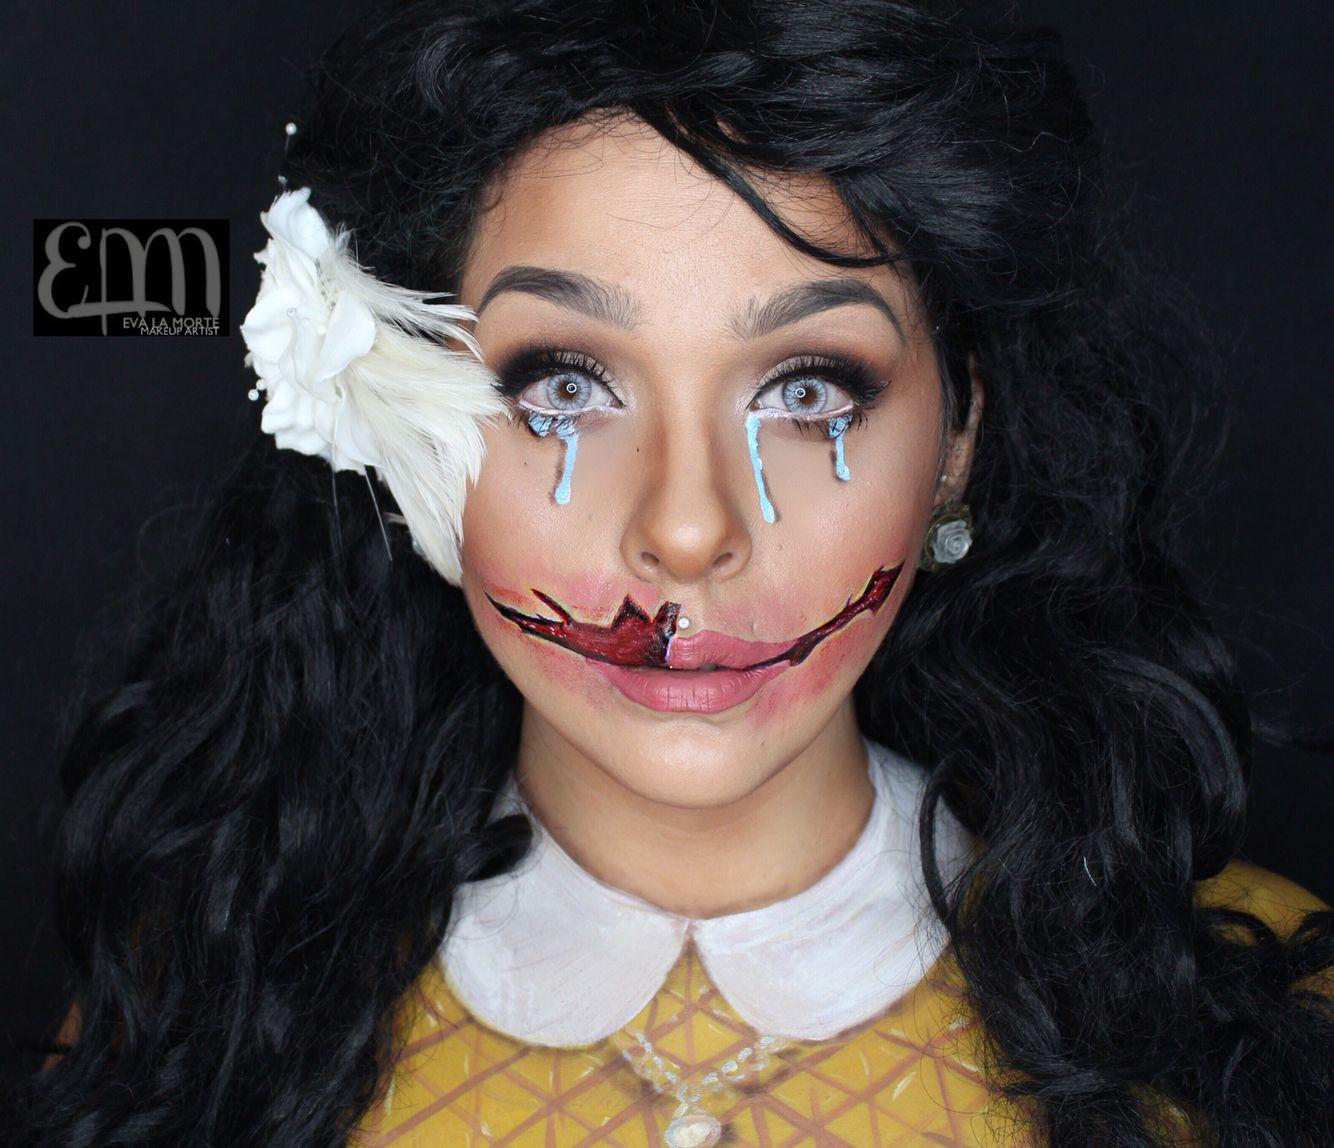 America Horror Story Murder house inspired makeup. Black dahlia ...